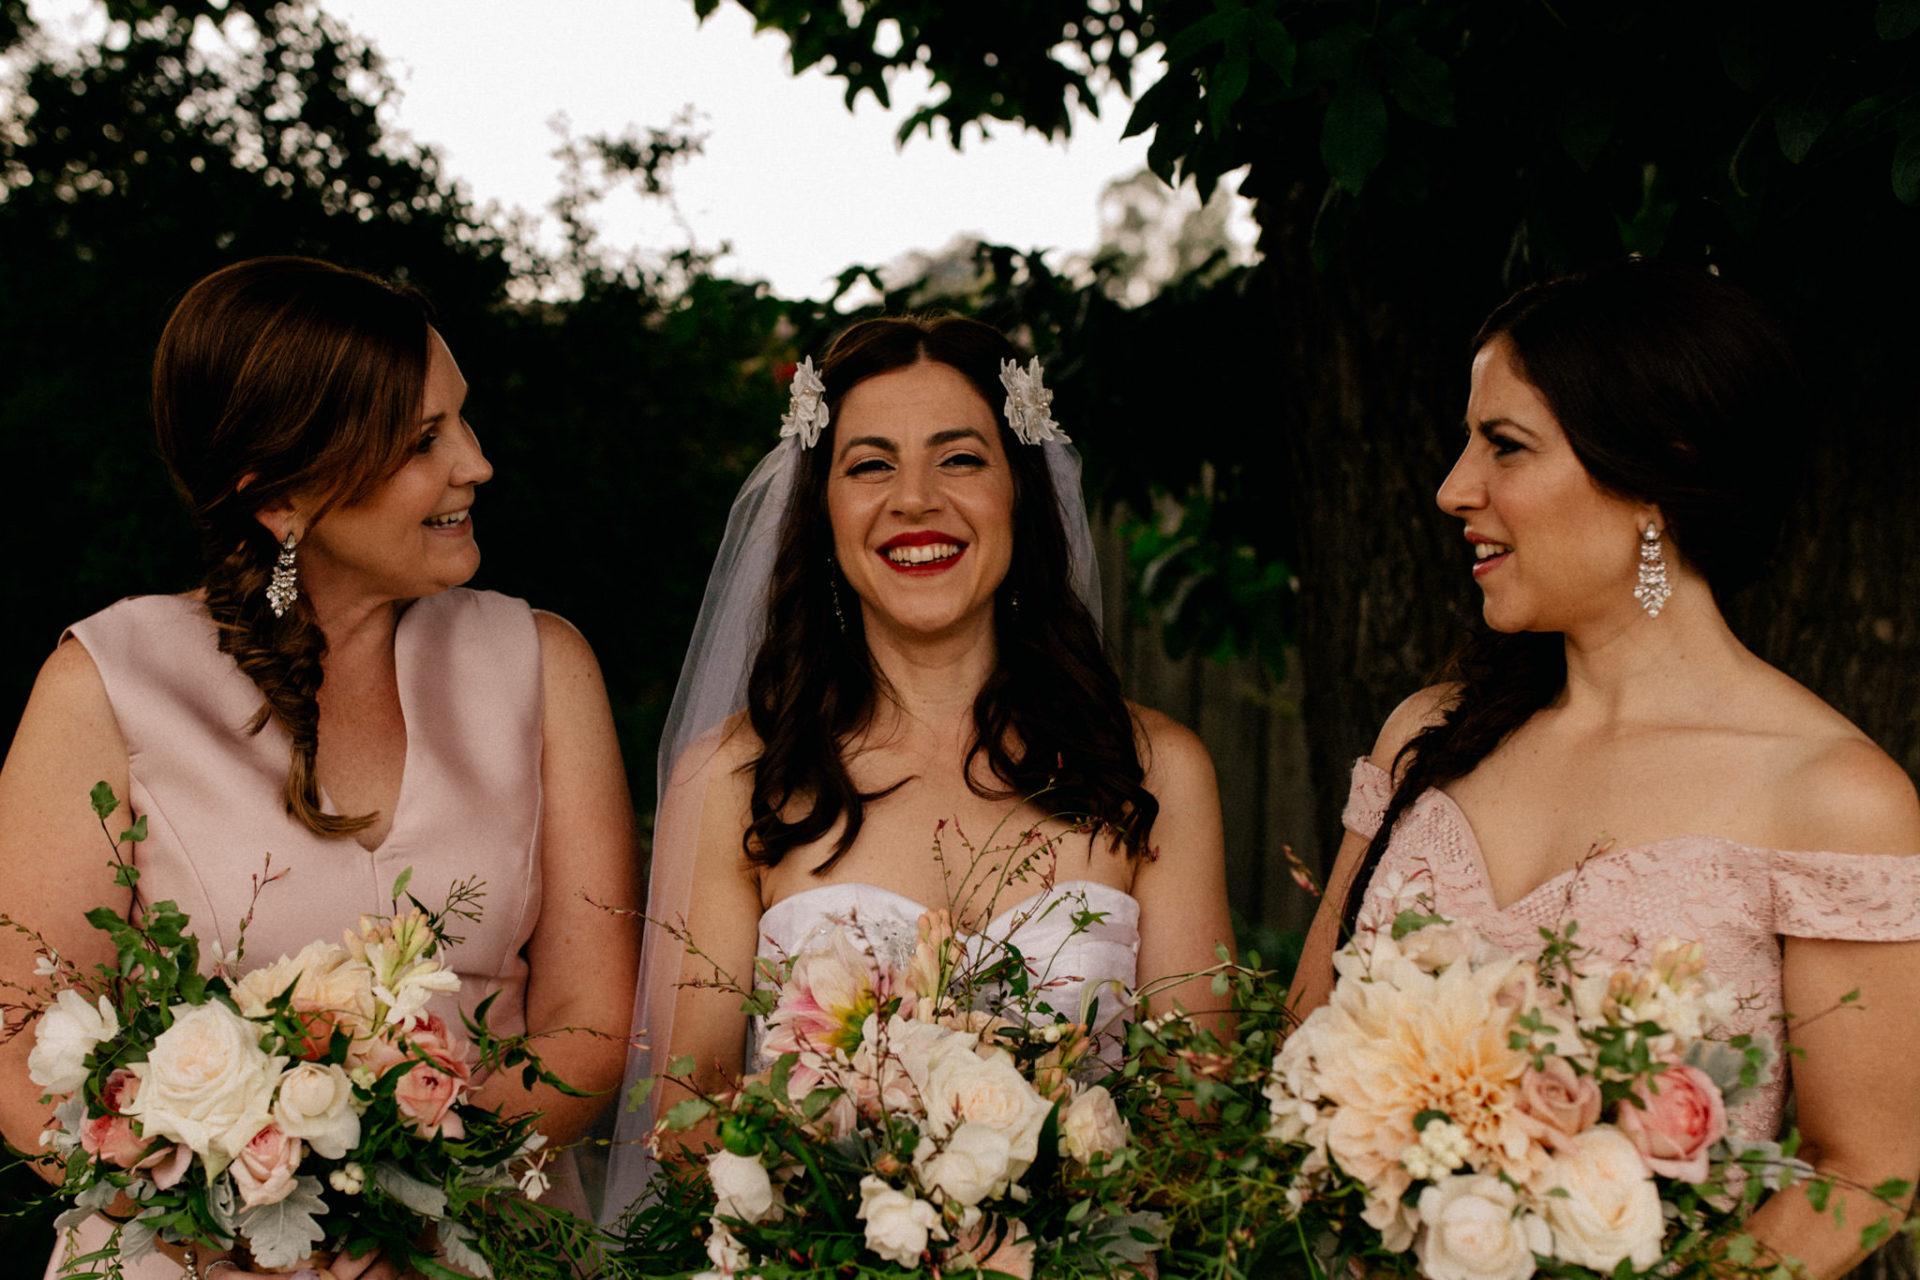 Hochzeitsfotograf Australien Melbourne-DIY Gartenhochzeit-Brautportrait am Strand-Brautstrauß-Brautjungfern